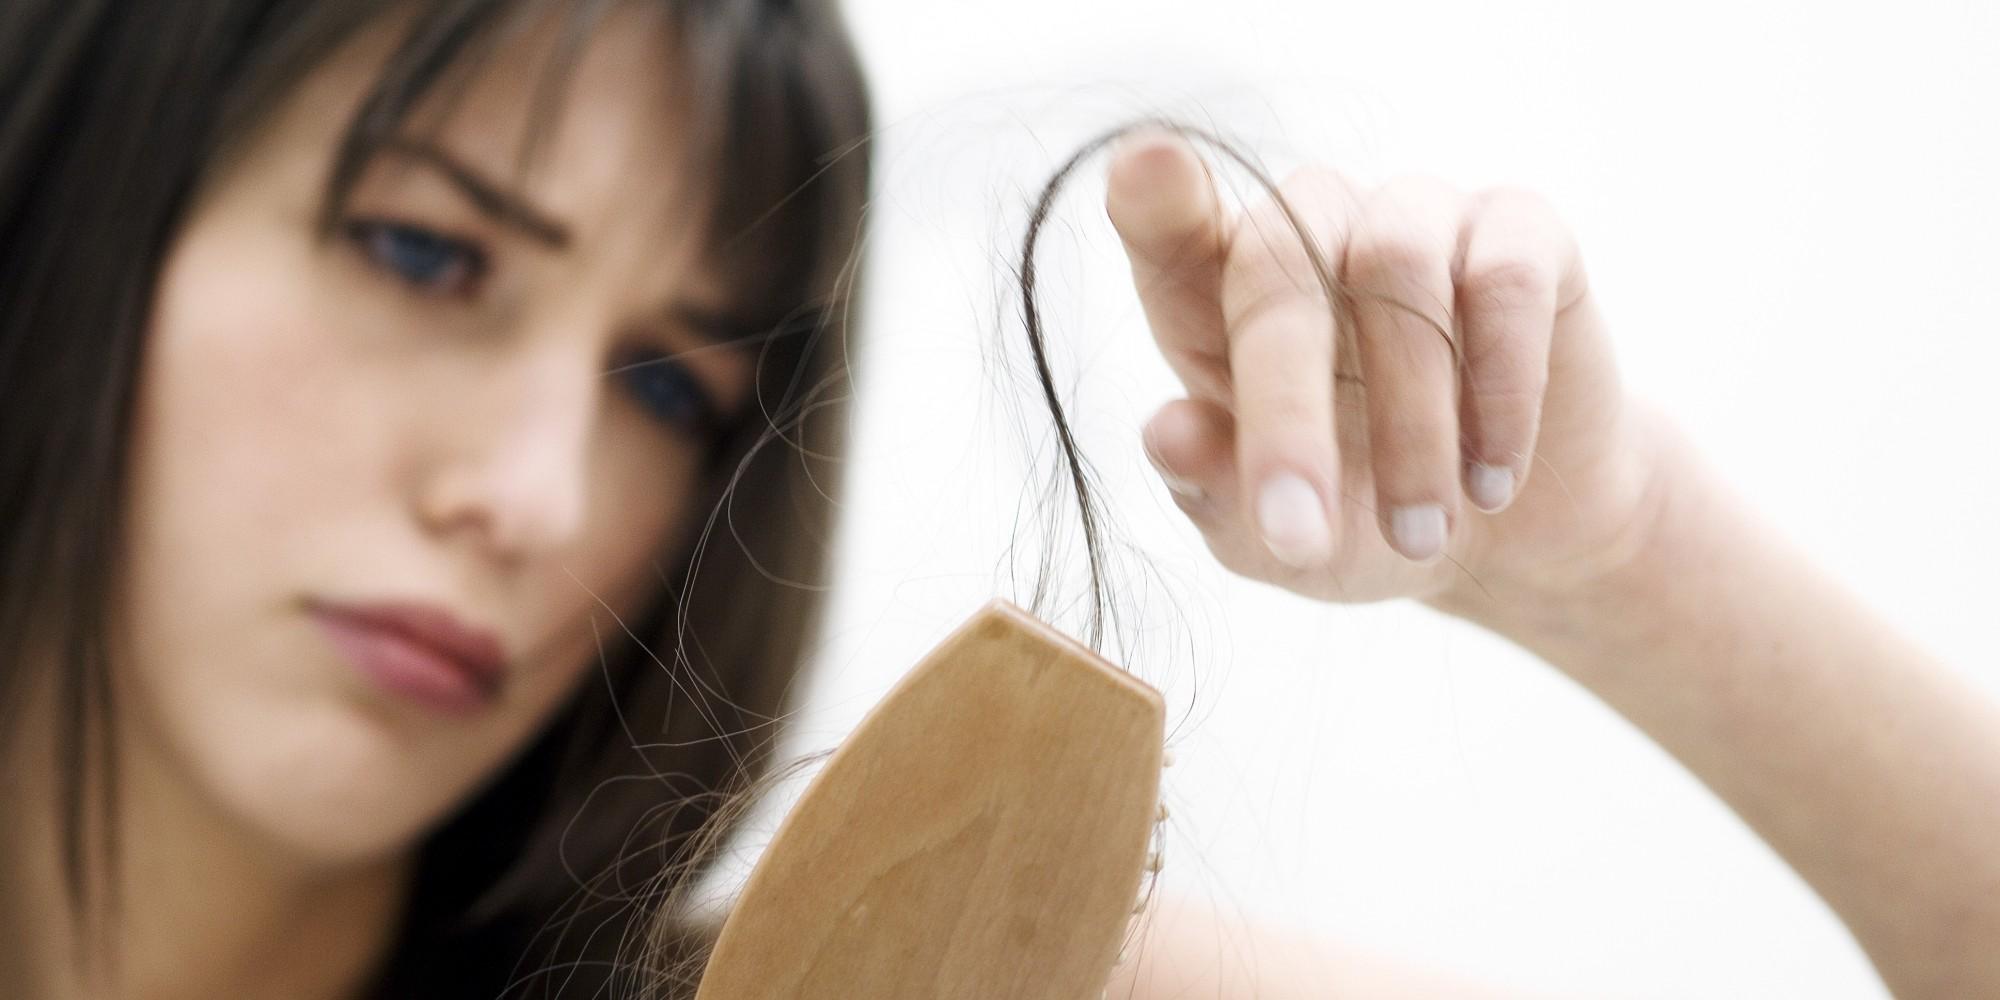 hair-loss-in-women-2